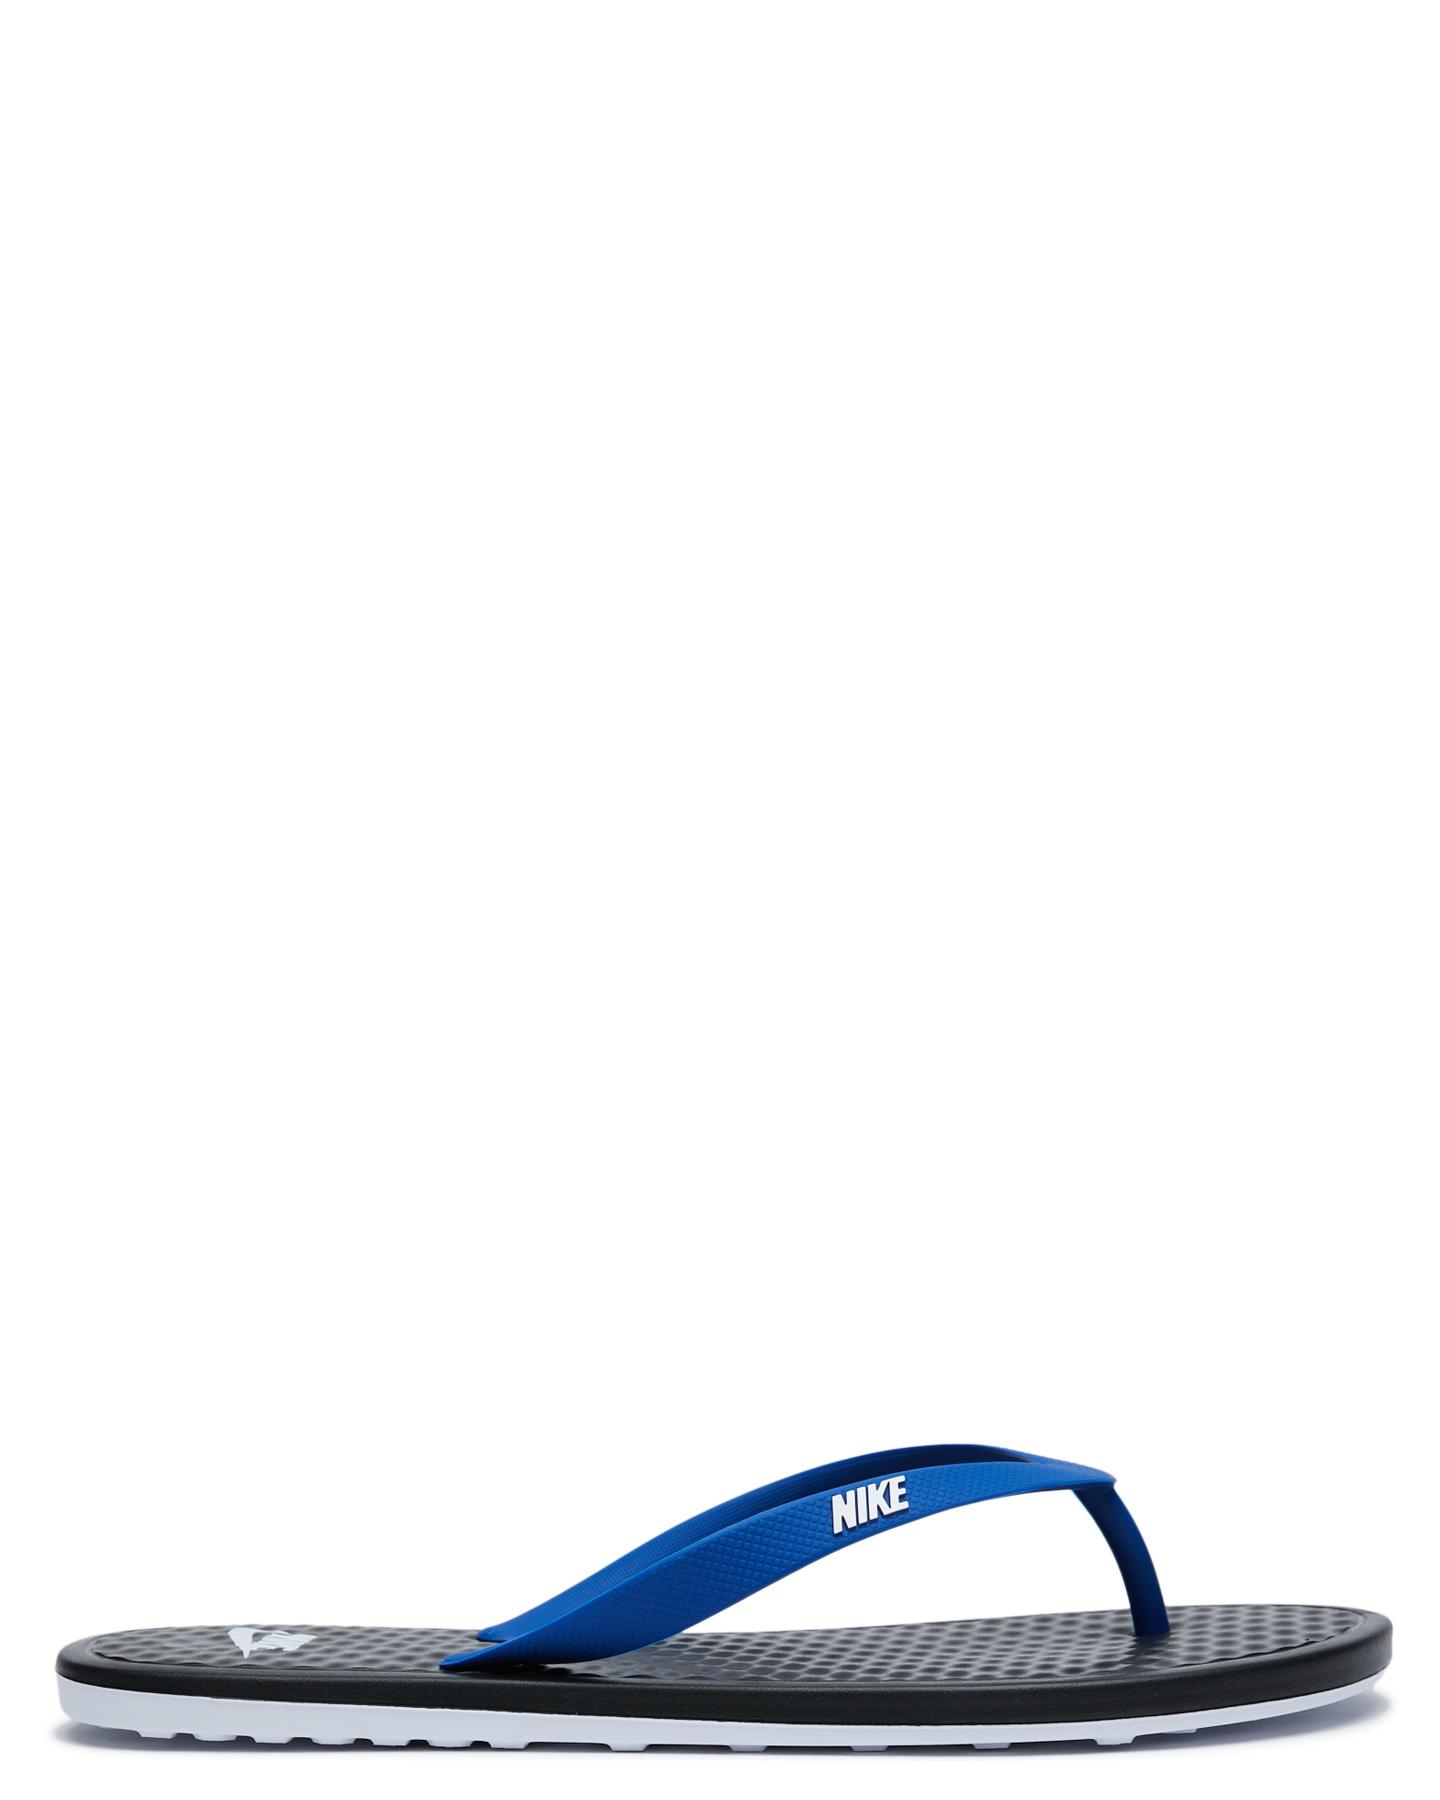 Nike On Deck Flip Flop Black Royal